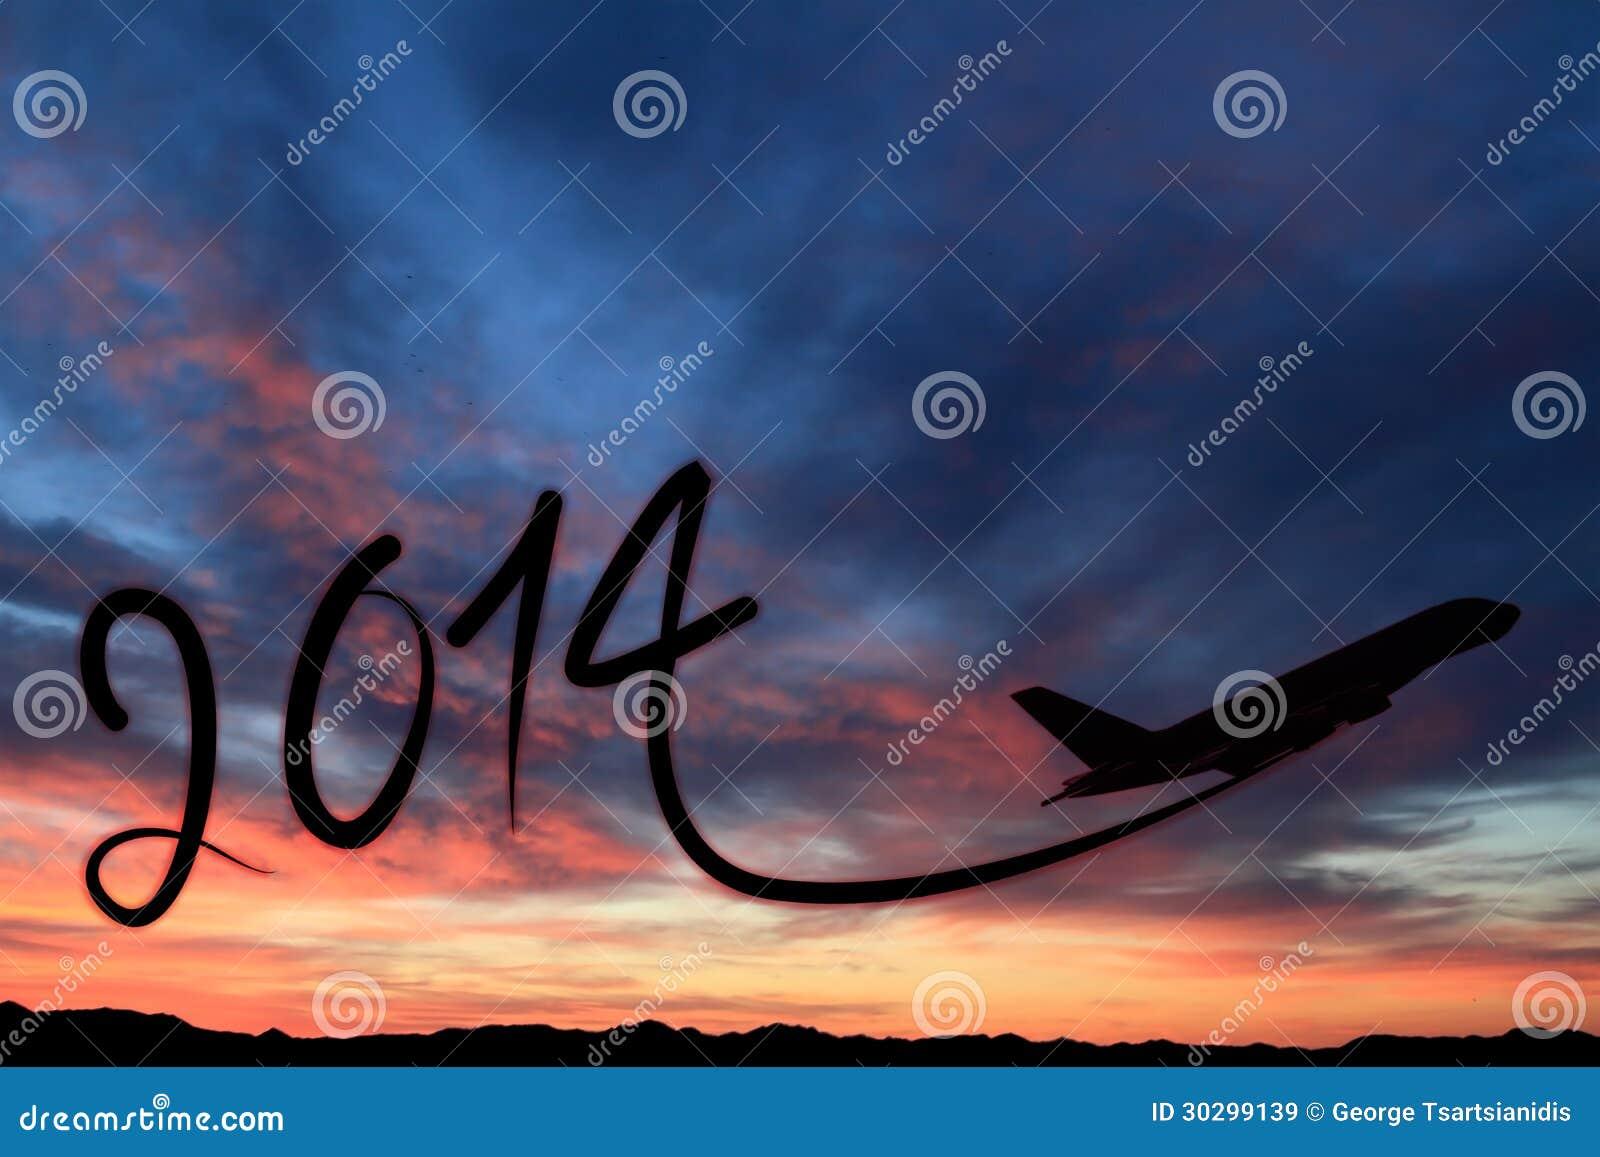 Νέο έτος 2014 που επισύρει την προσοχή στον αέρα στο ηλιοβασίλεμα